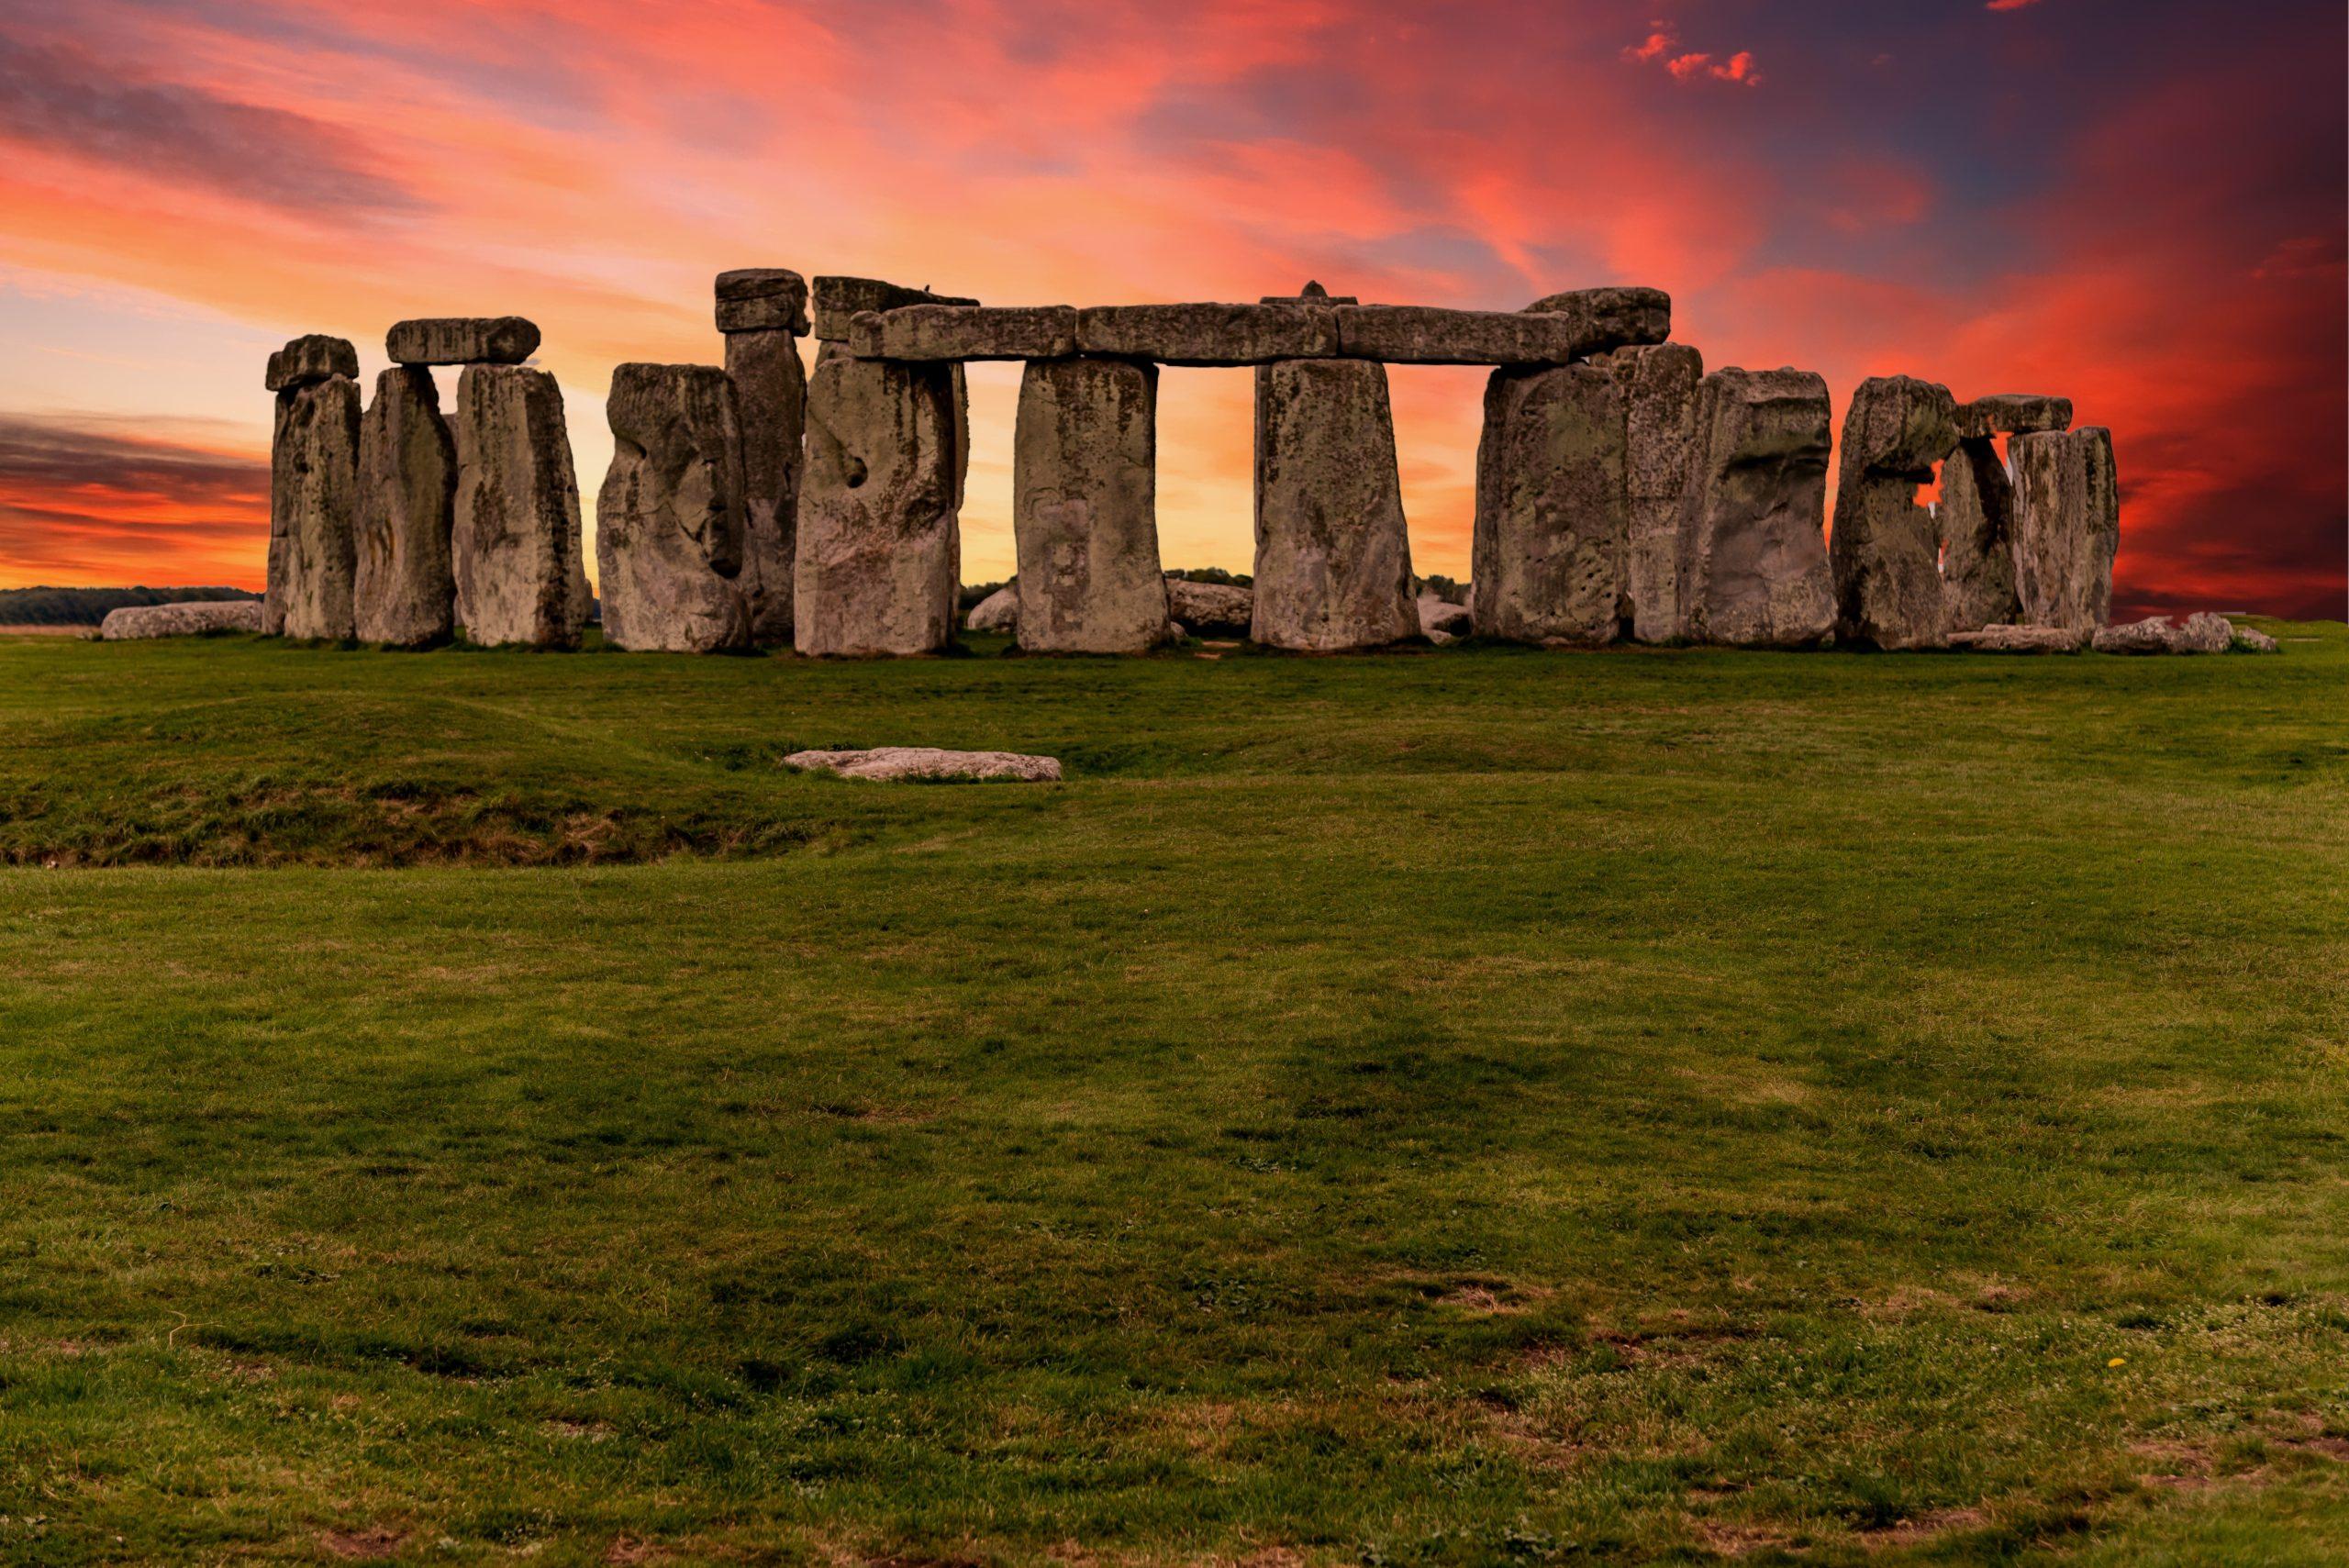 stonehenge-england-1448136